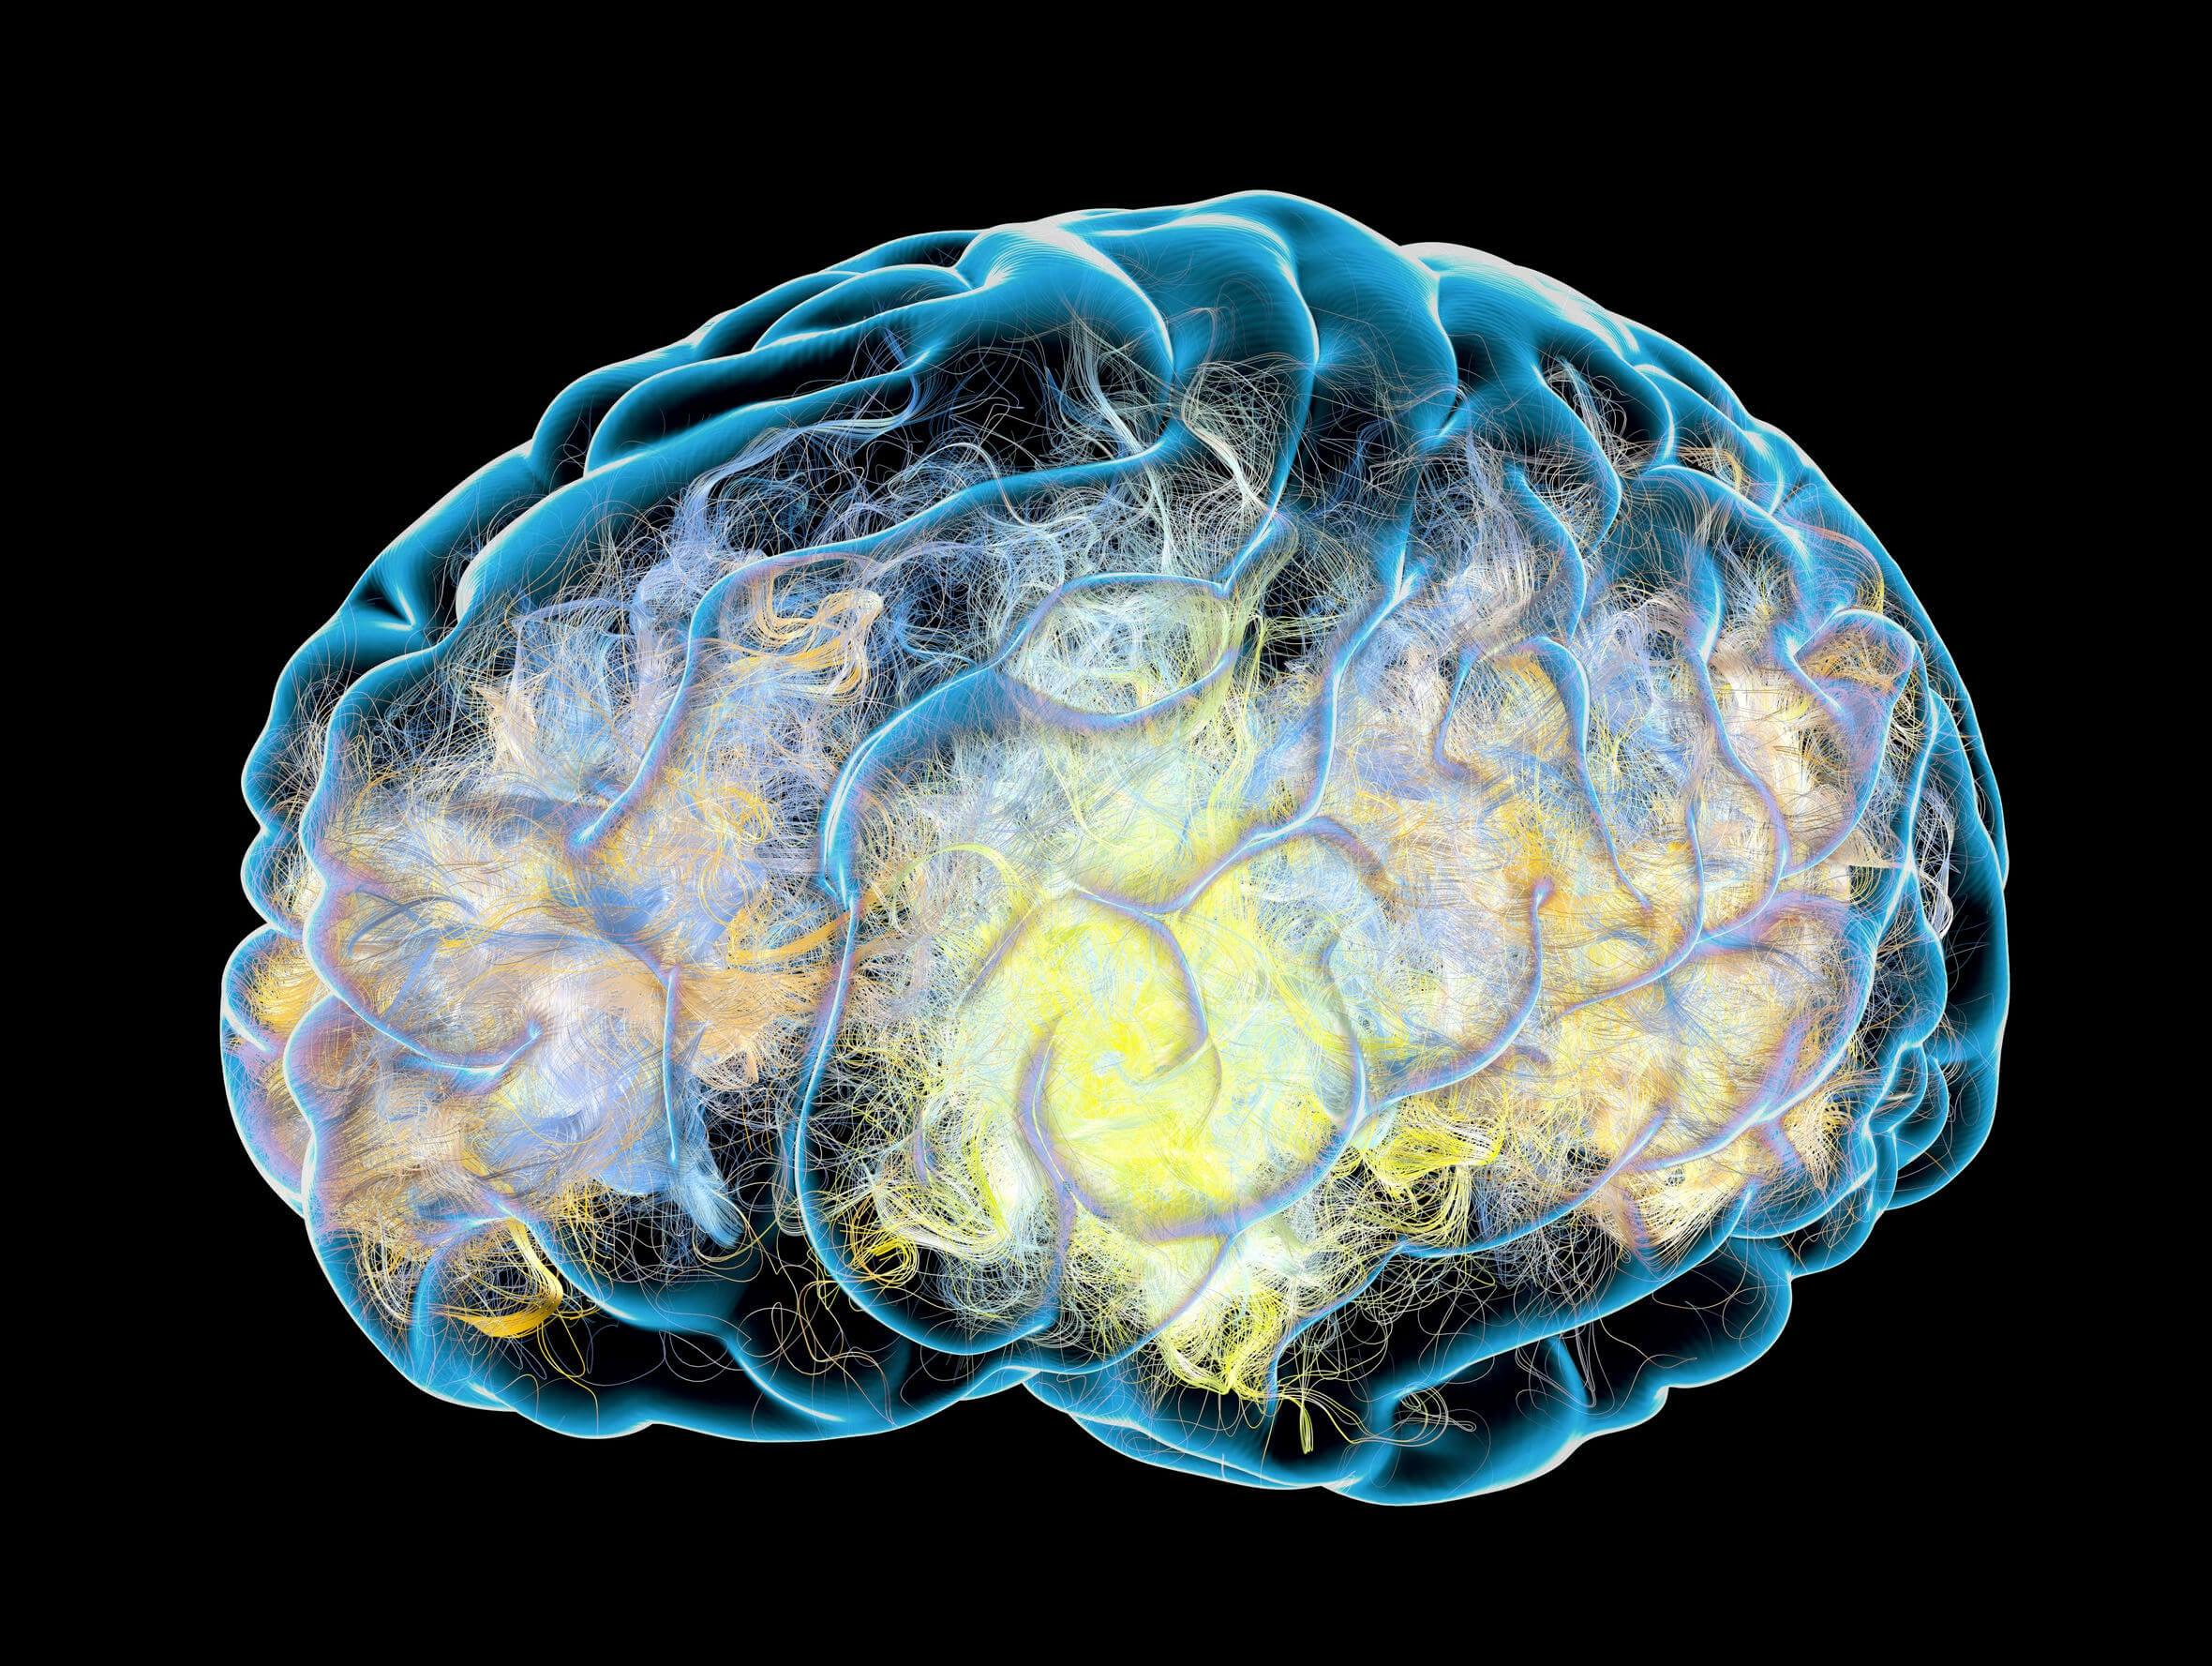 Aumentare i livelli di dopamina favorisce il benessere psicofisico.